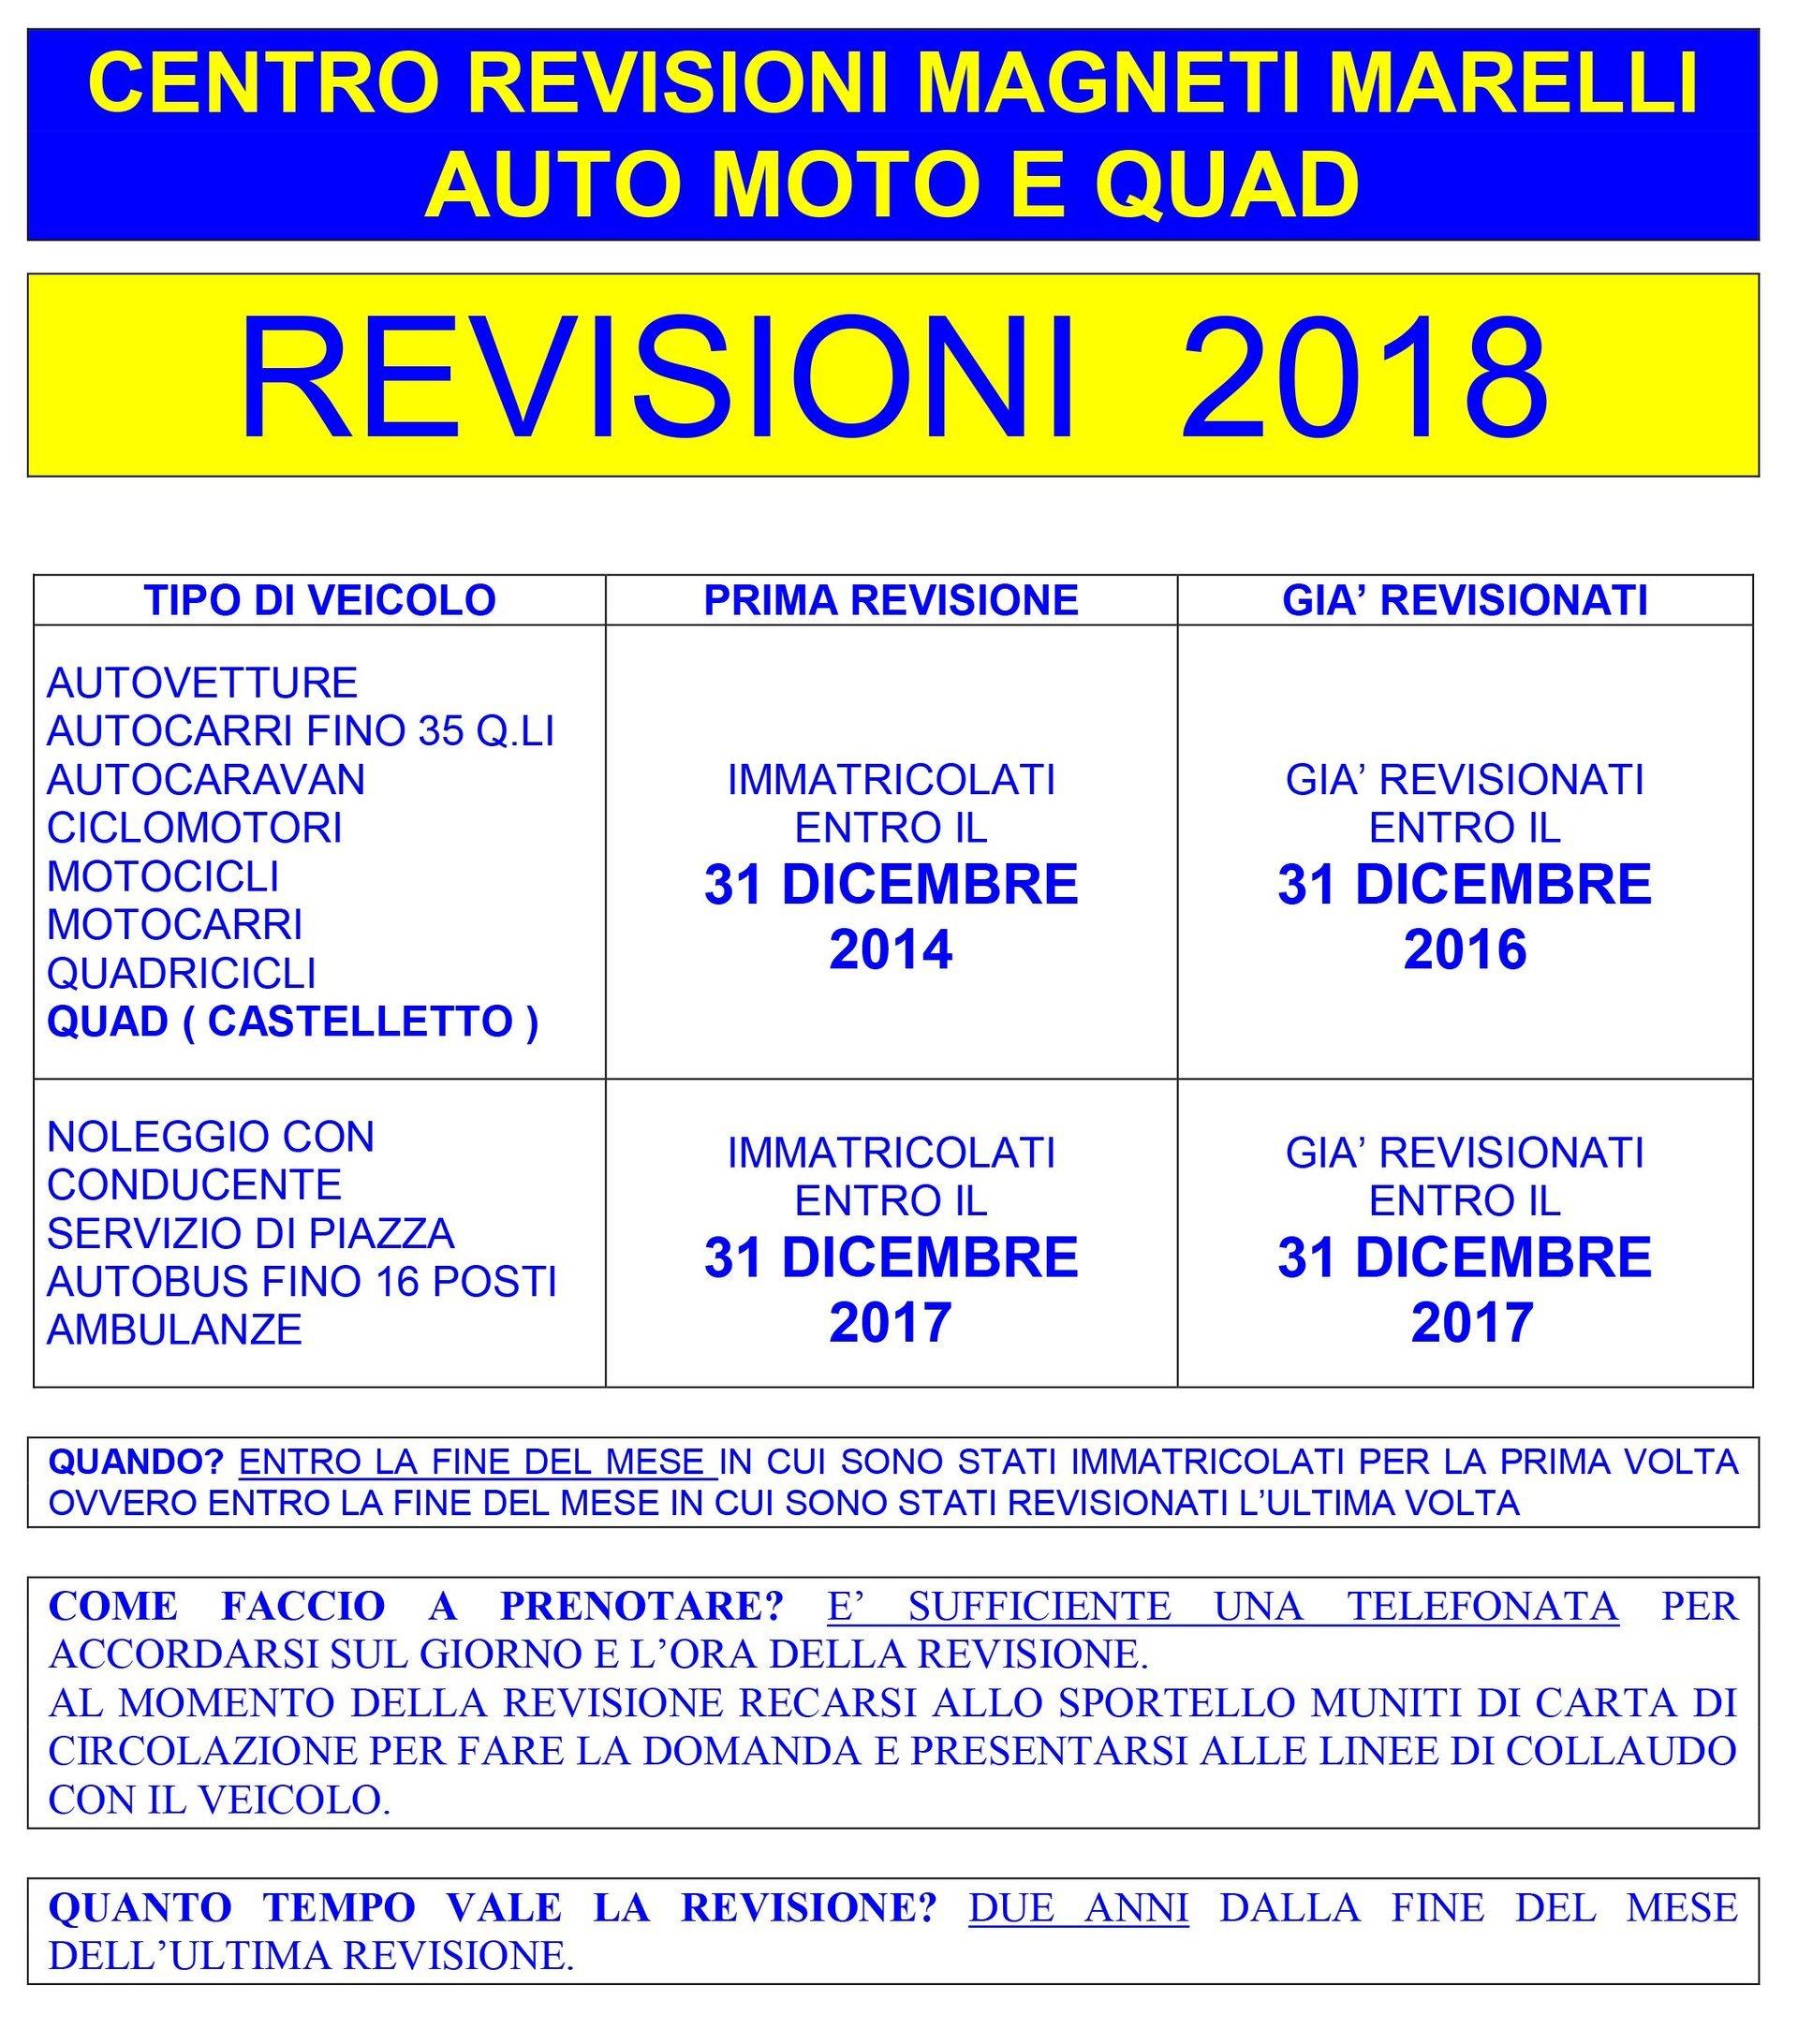 calendario revisione auto moto 2017